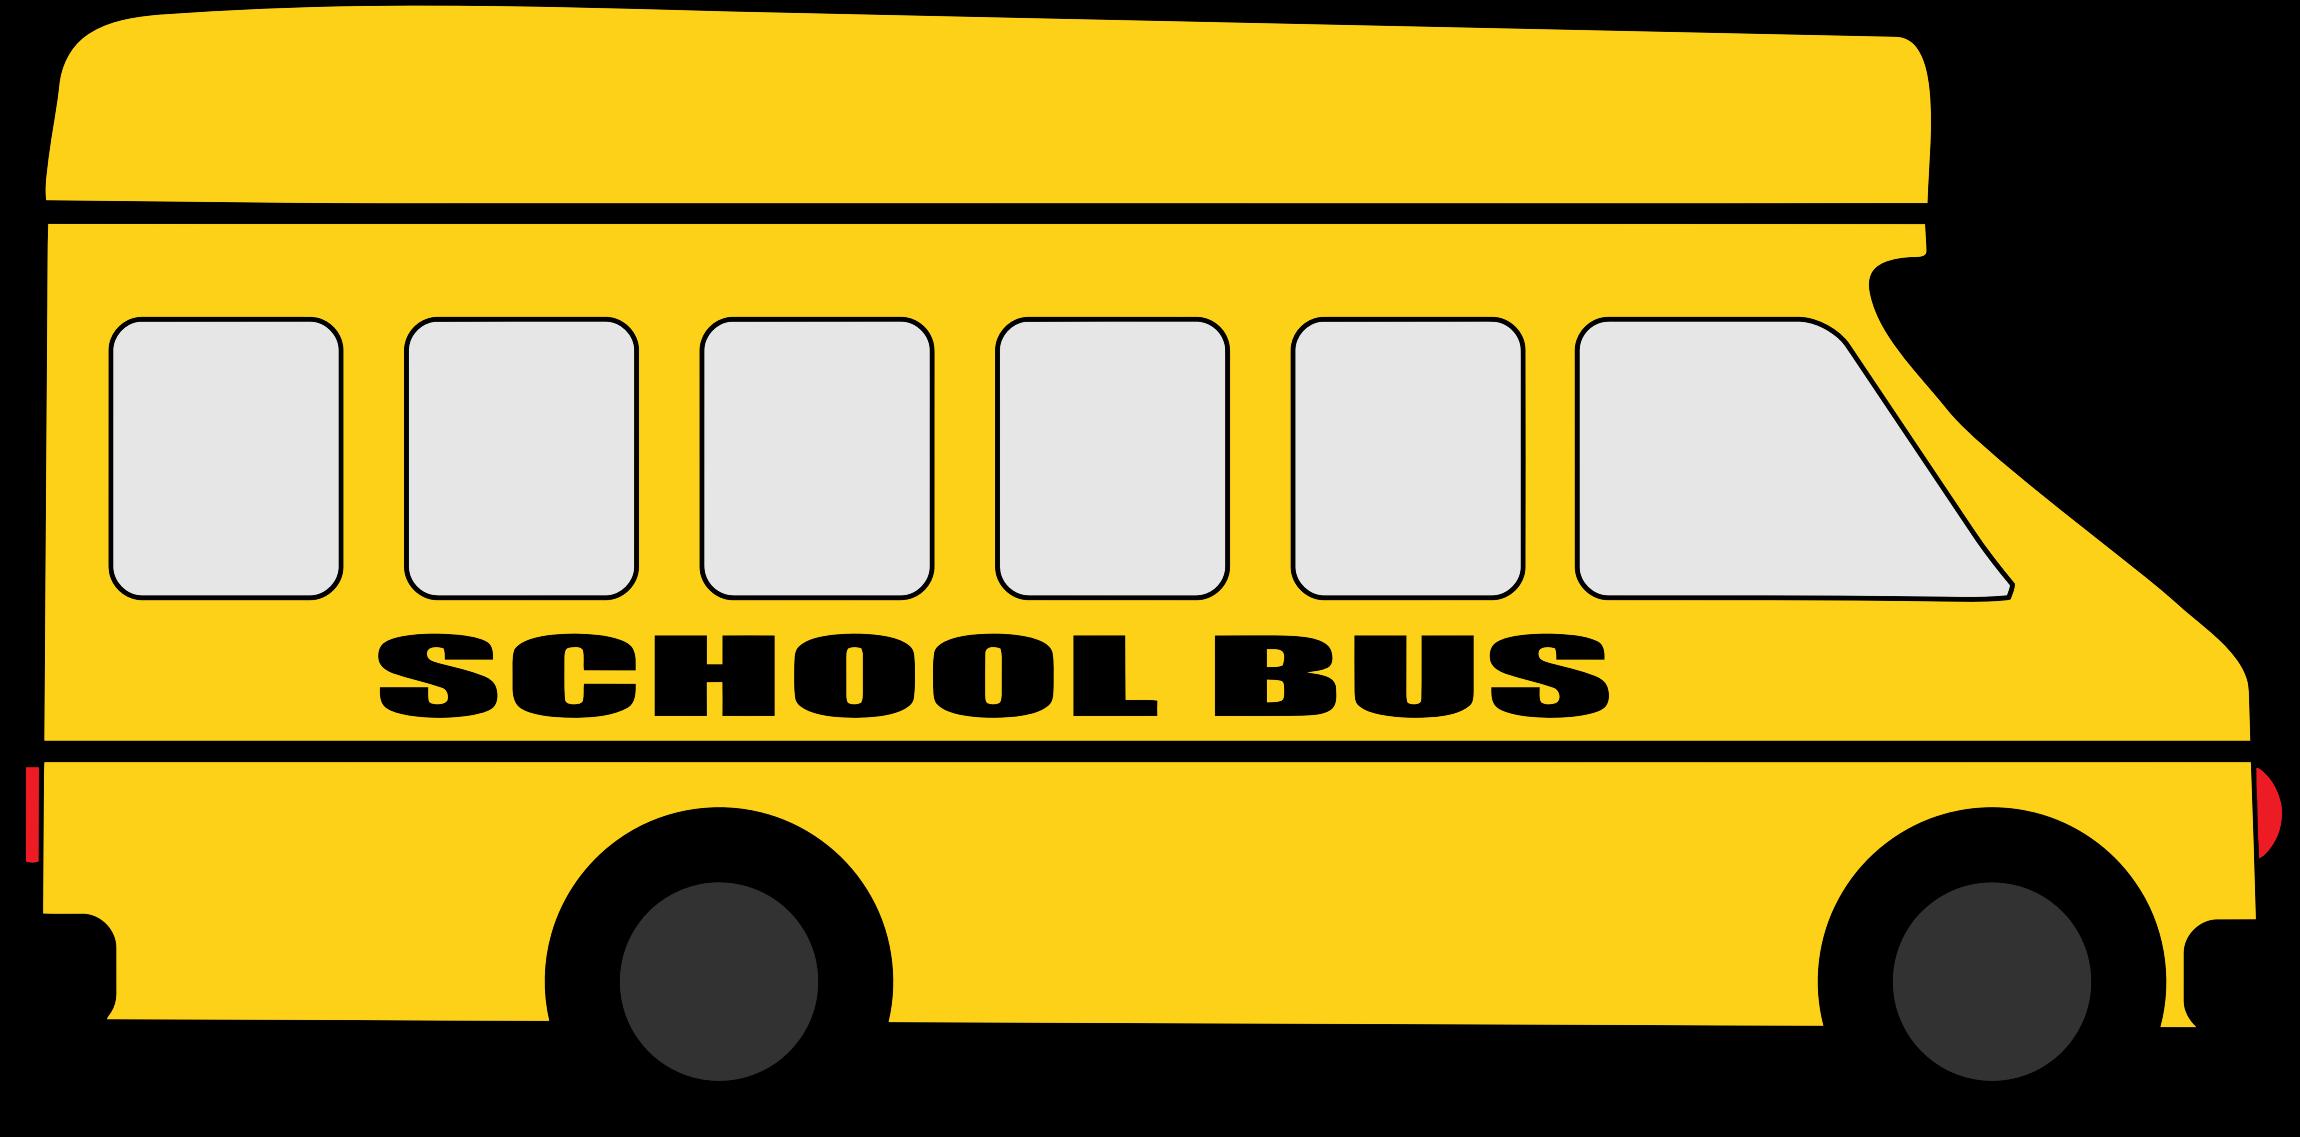 free clip art school bus clipart images 8.